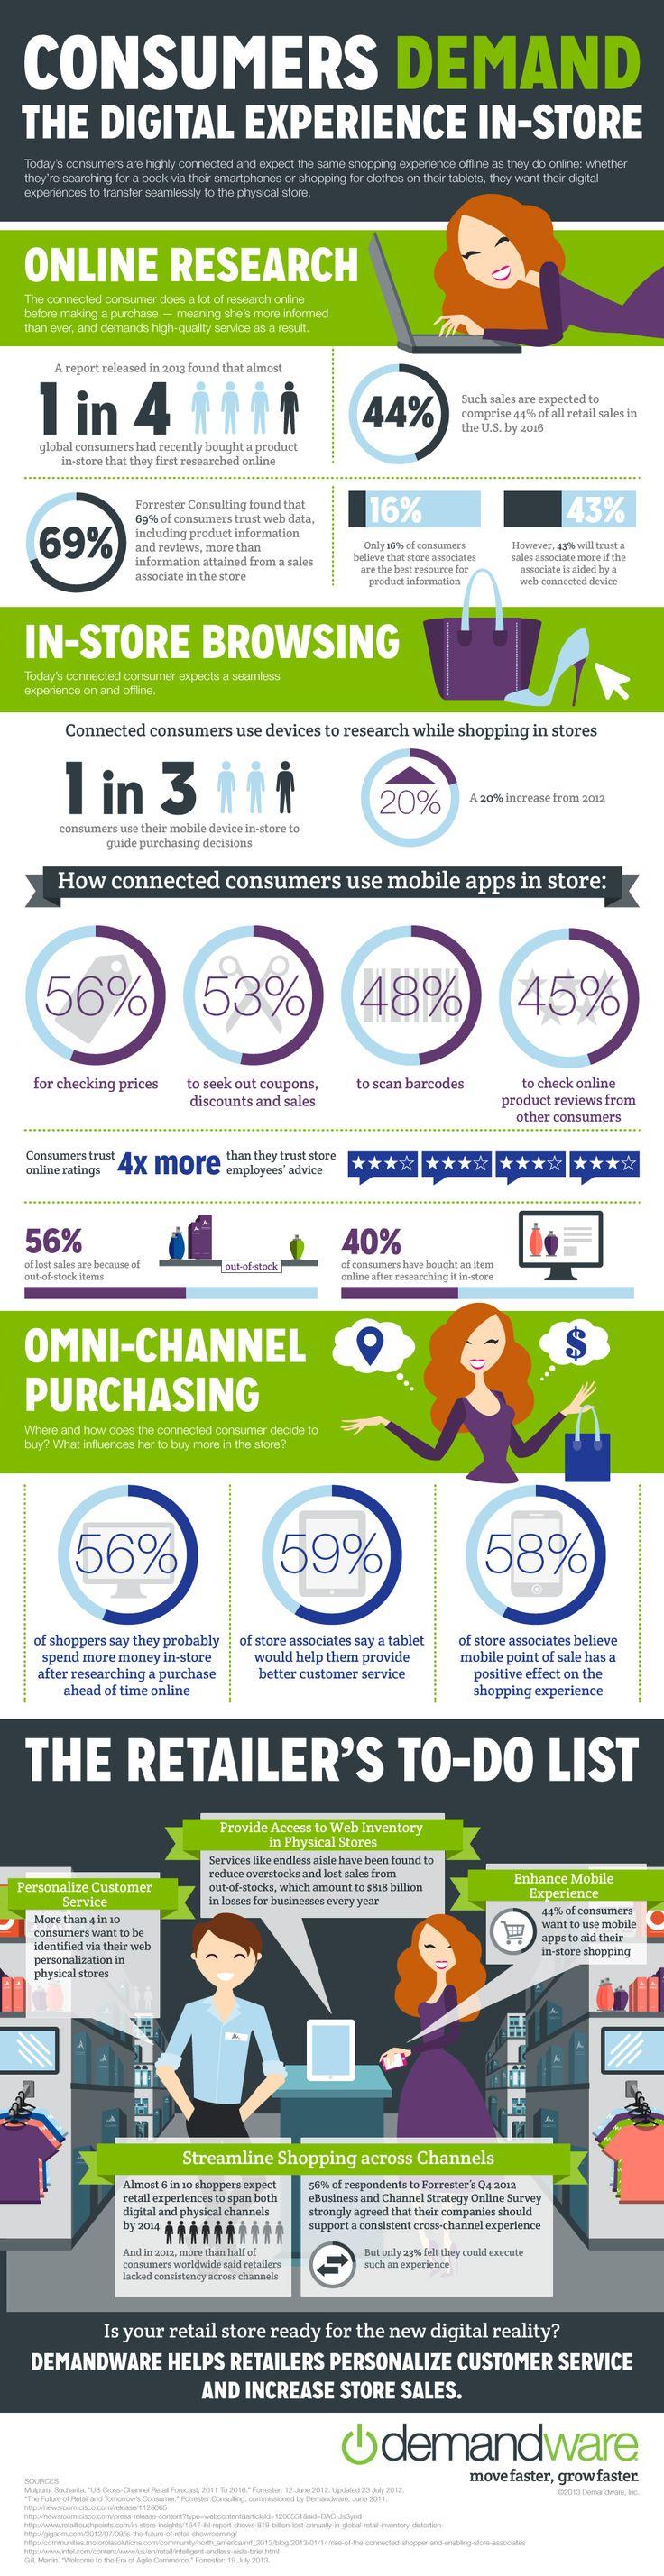 Nel 2014 i consumatori vogliono estendere la loro digital experience ai negozi fisici. Quali strategie devono adottare i retailer?